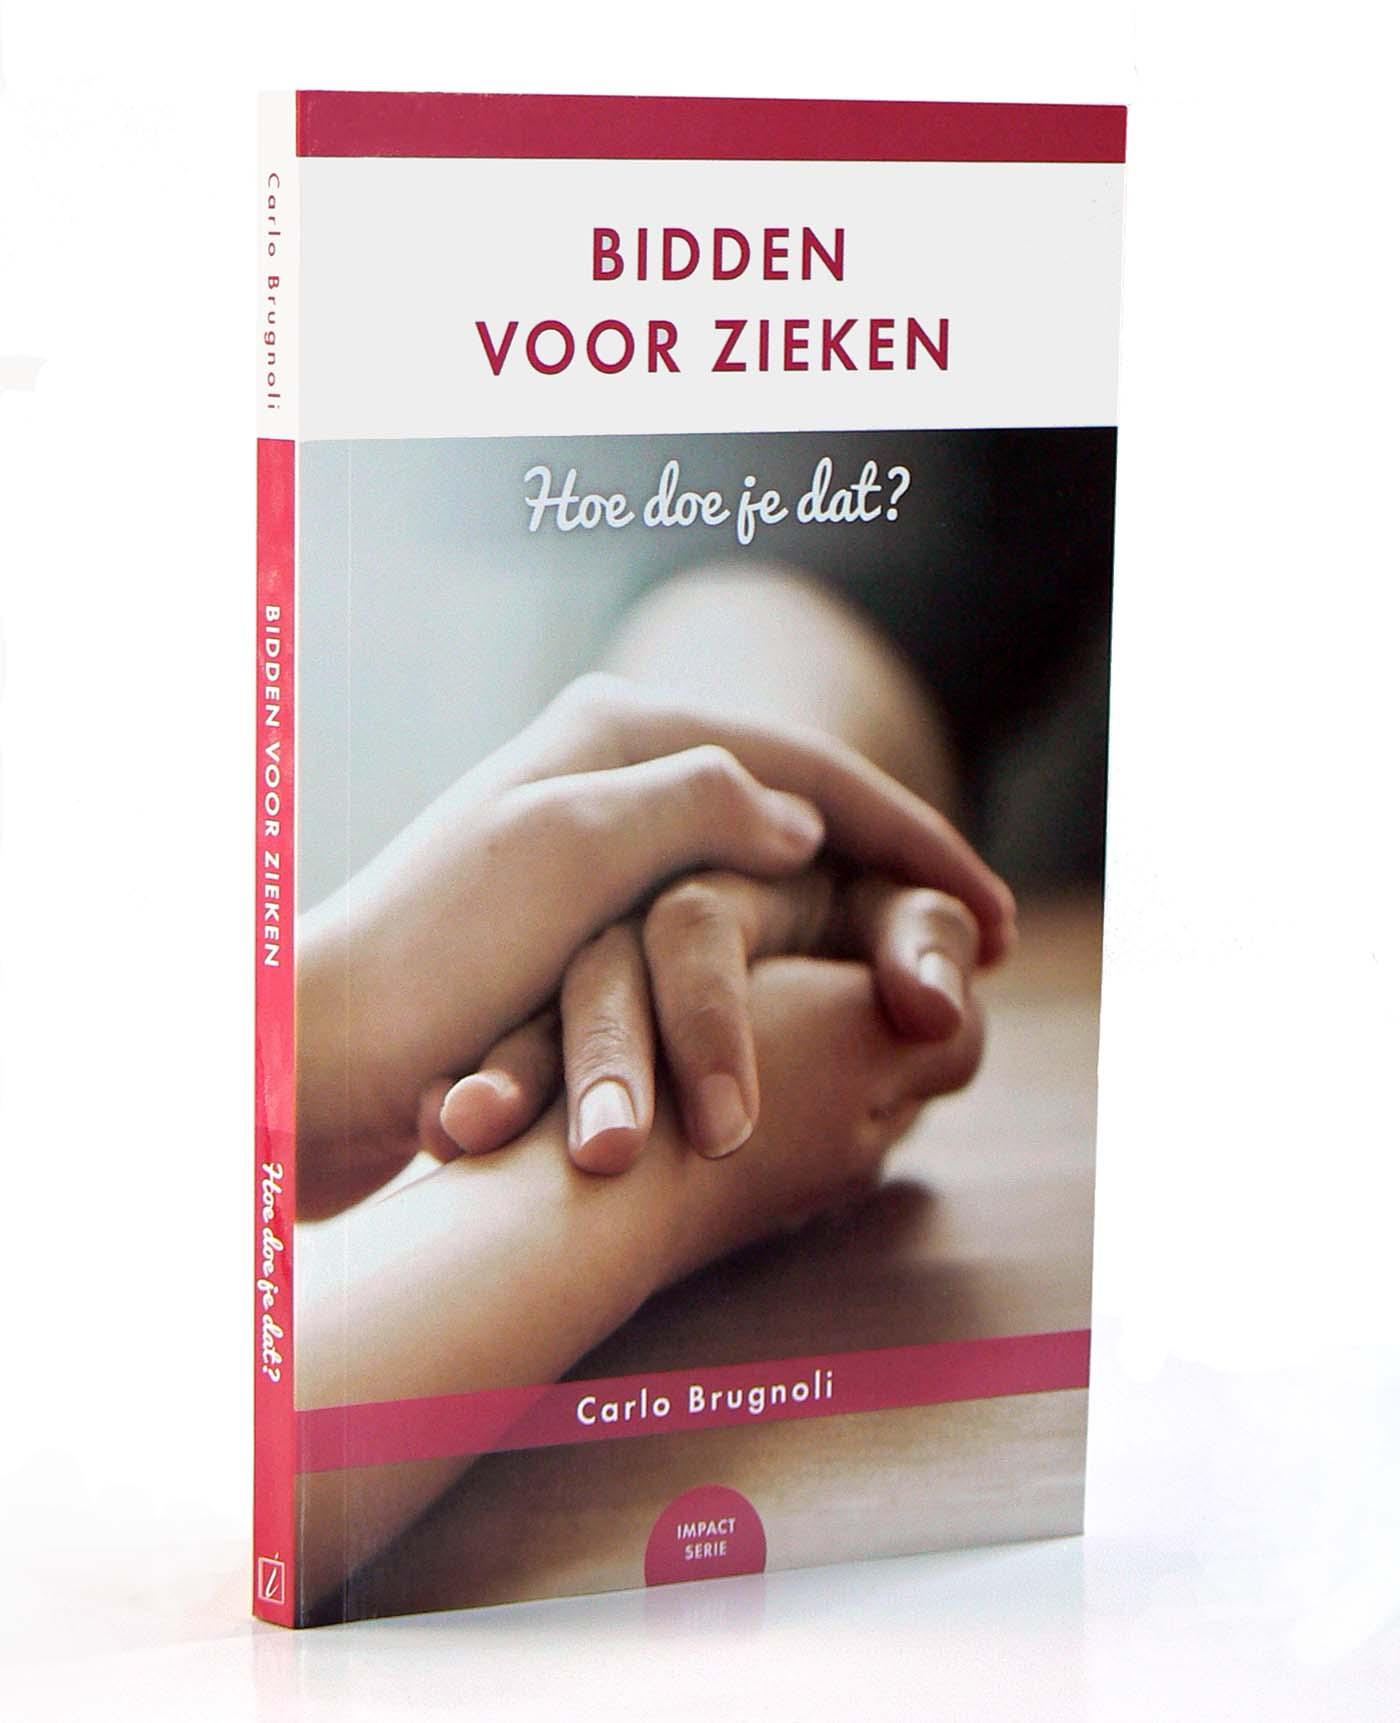 Boek Bidden voor zieken - Carlo Brugnoli